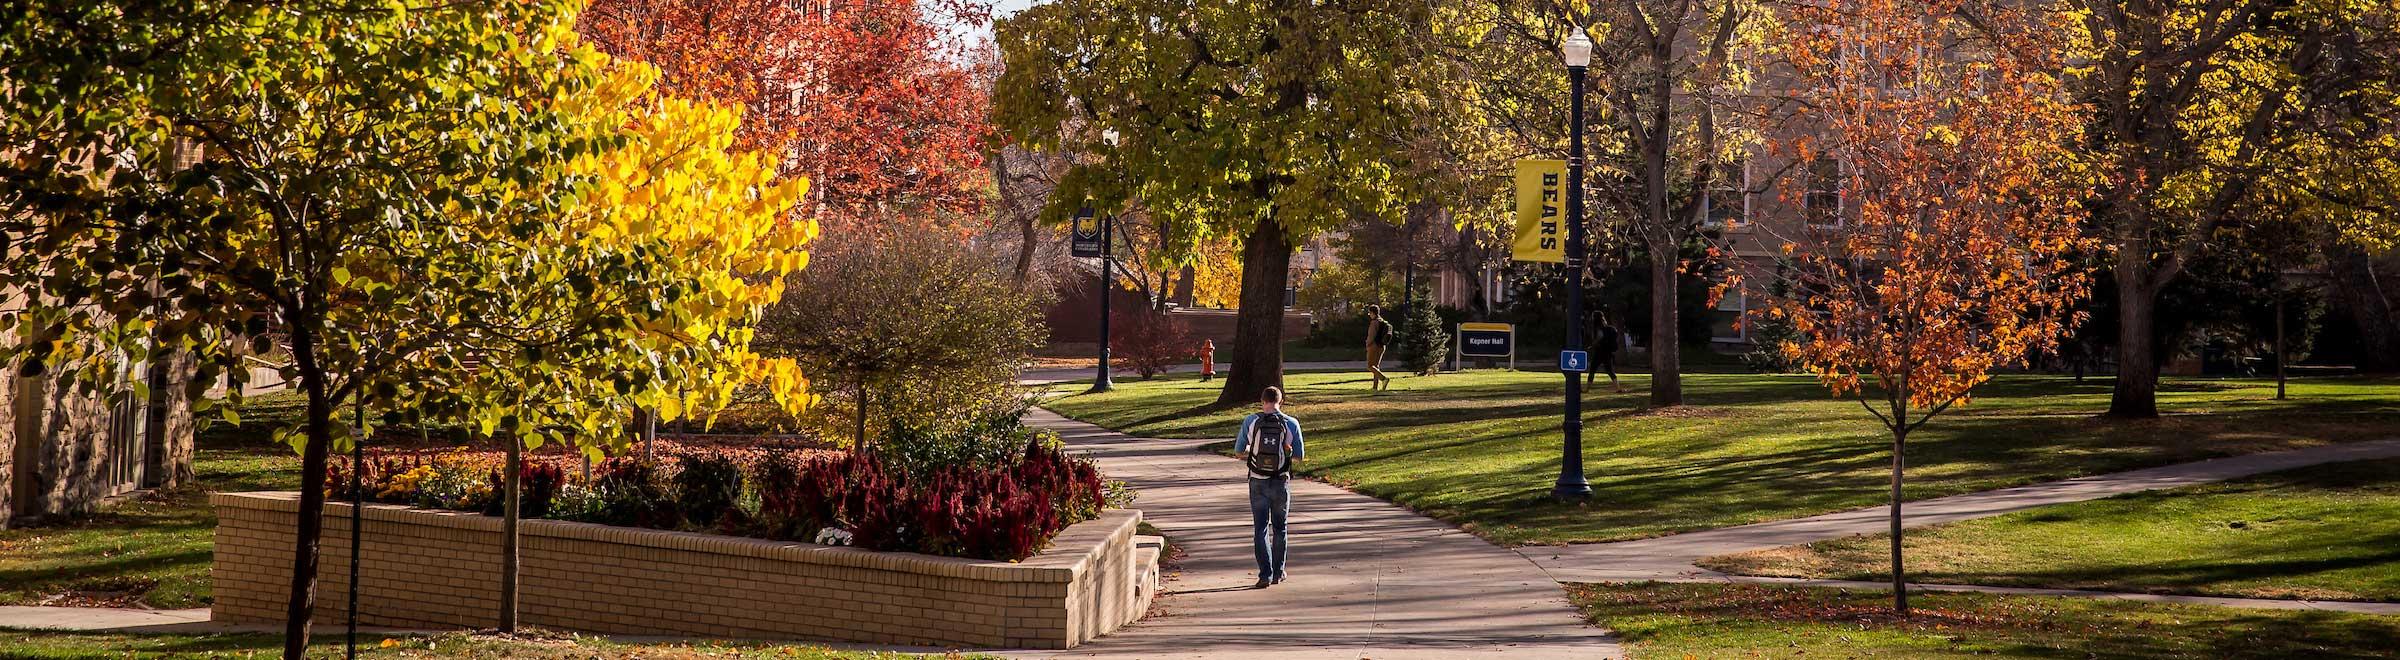 University of Northern Colorado Campus